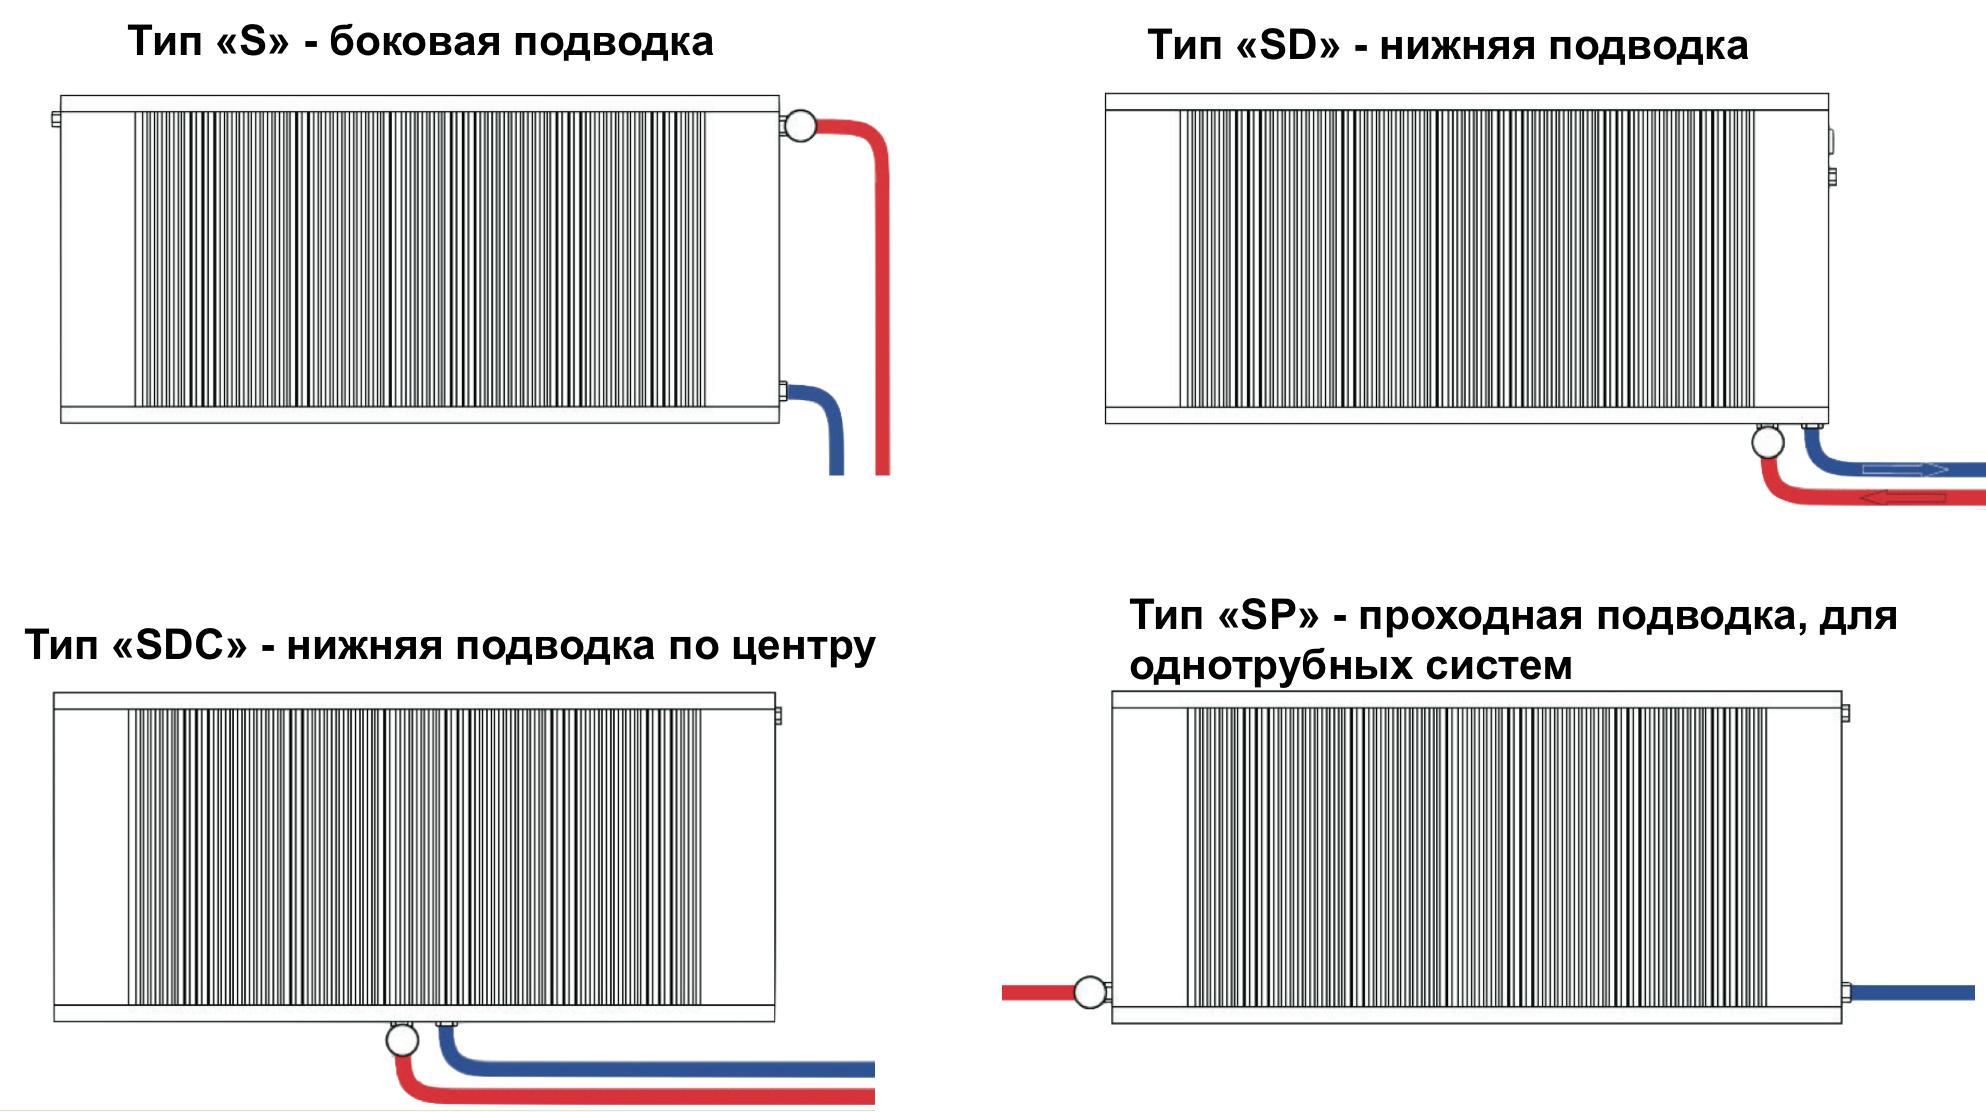 типы подводок для моделей Sollarius